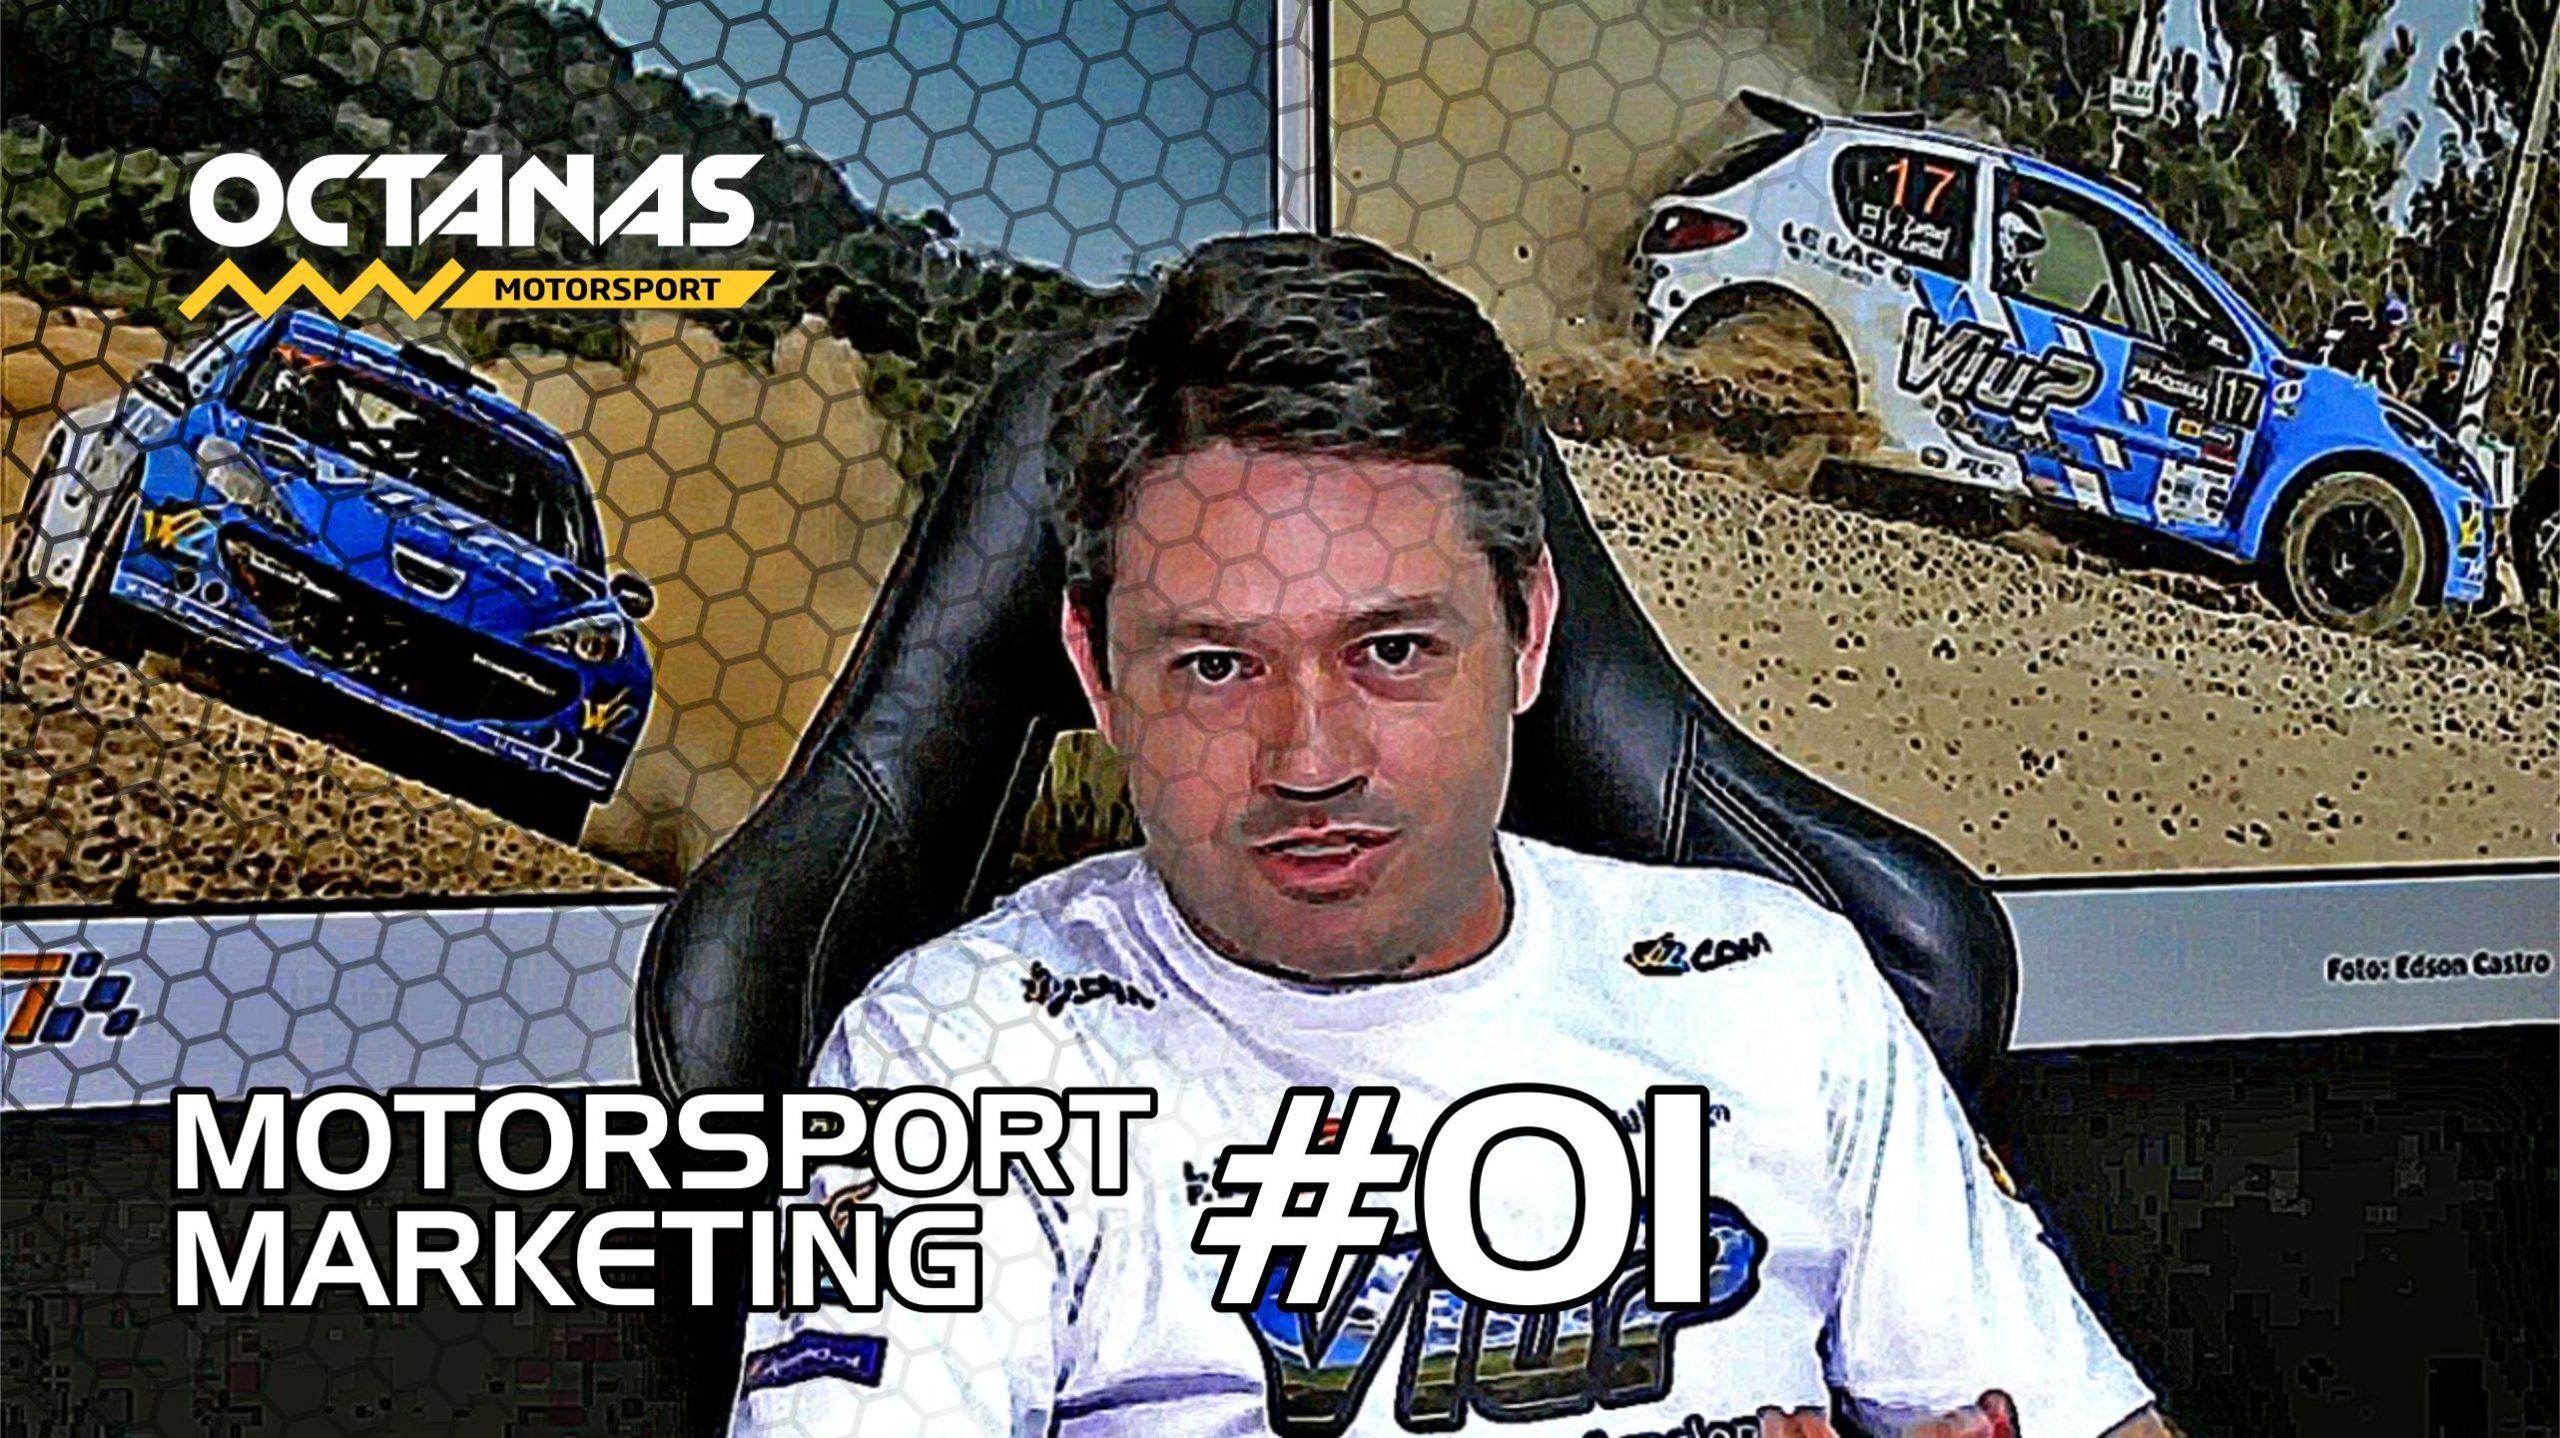 Marketing Motorsport